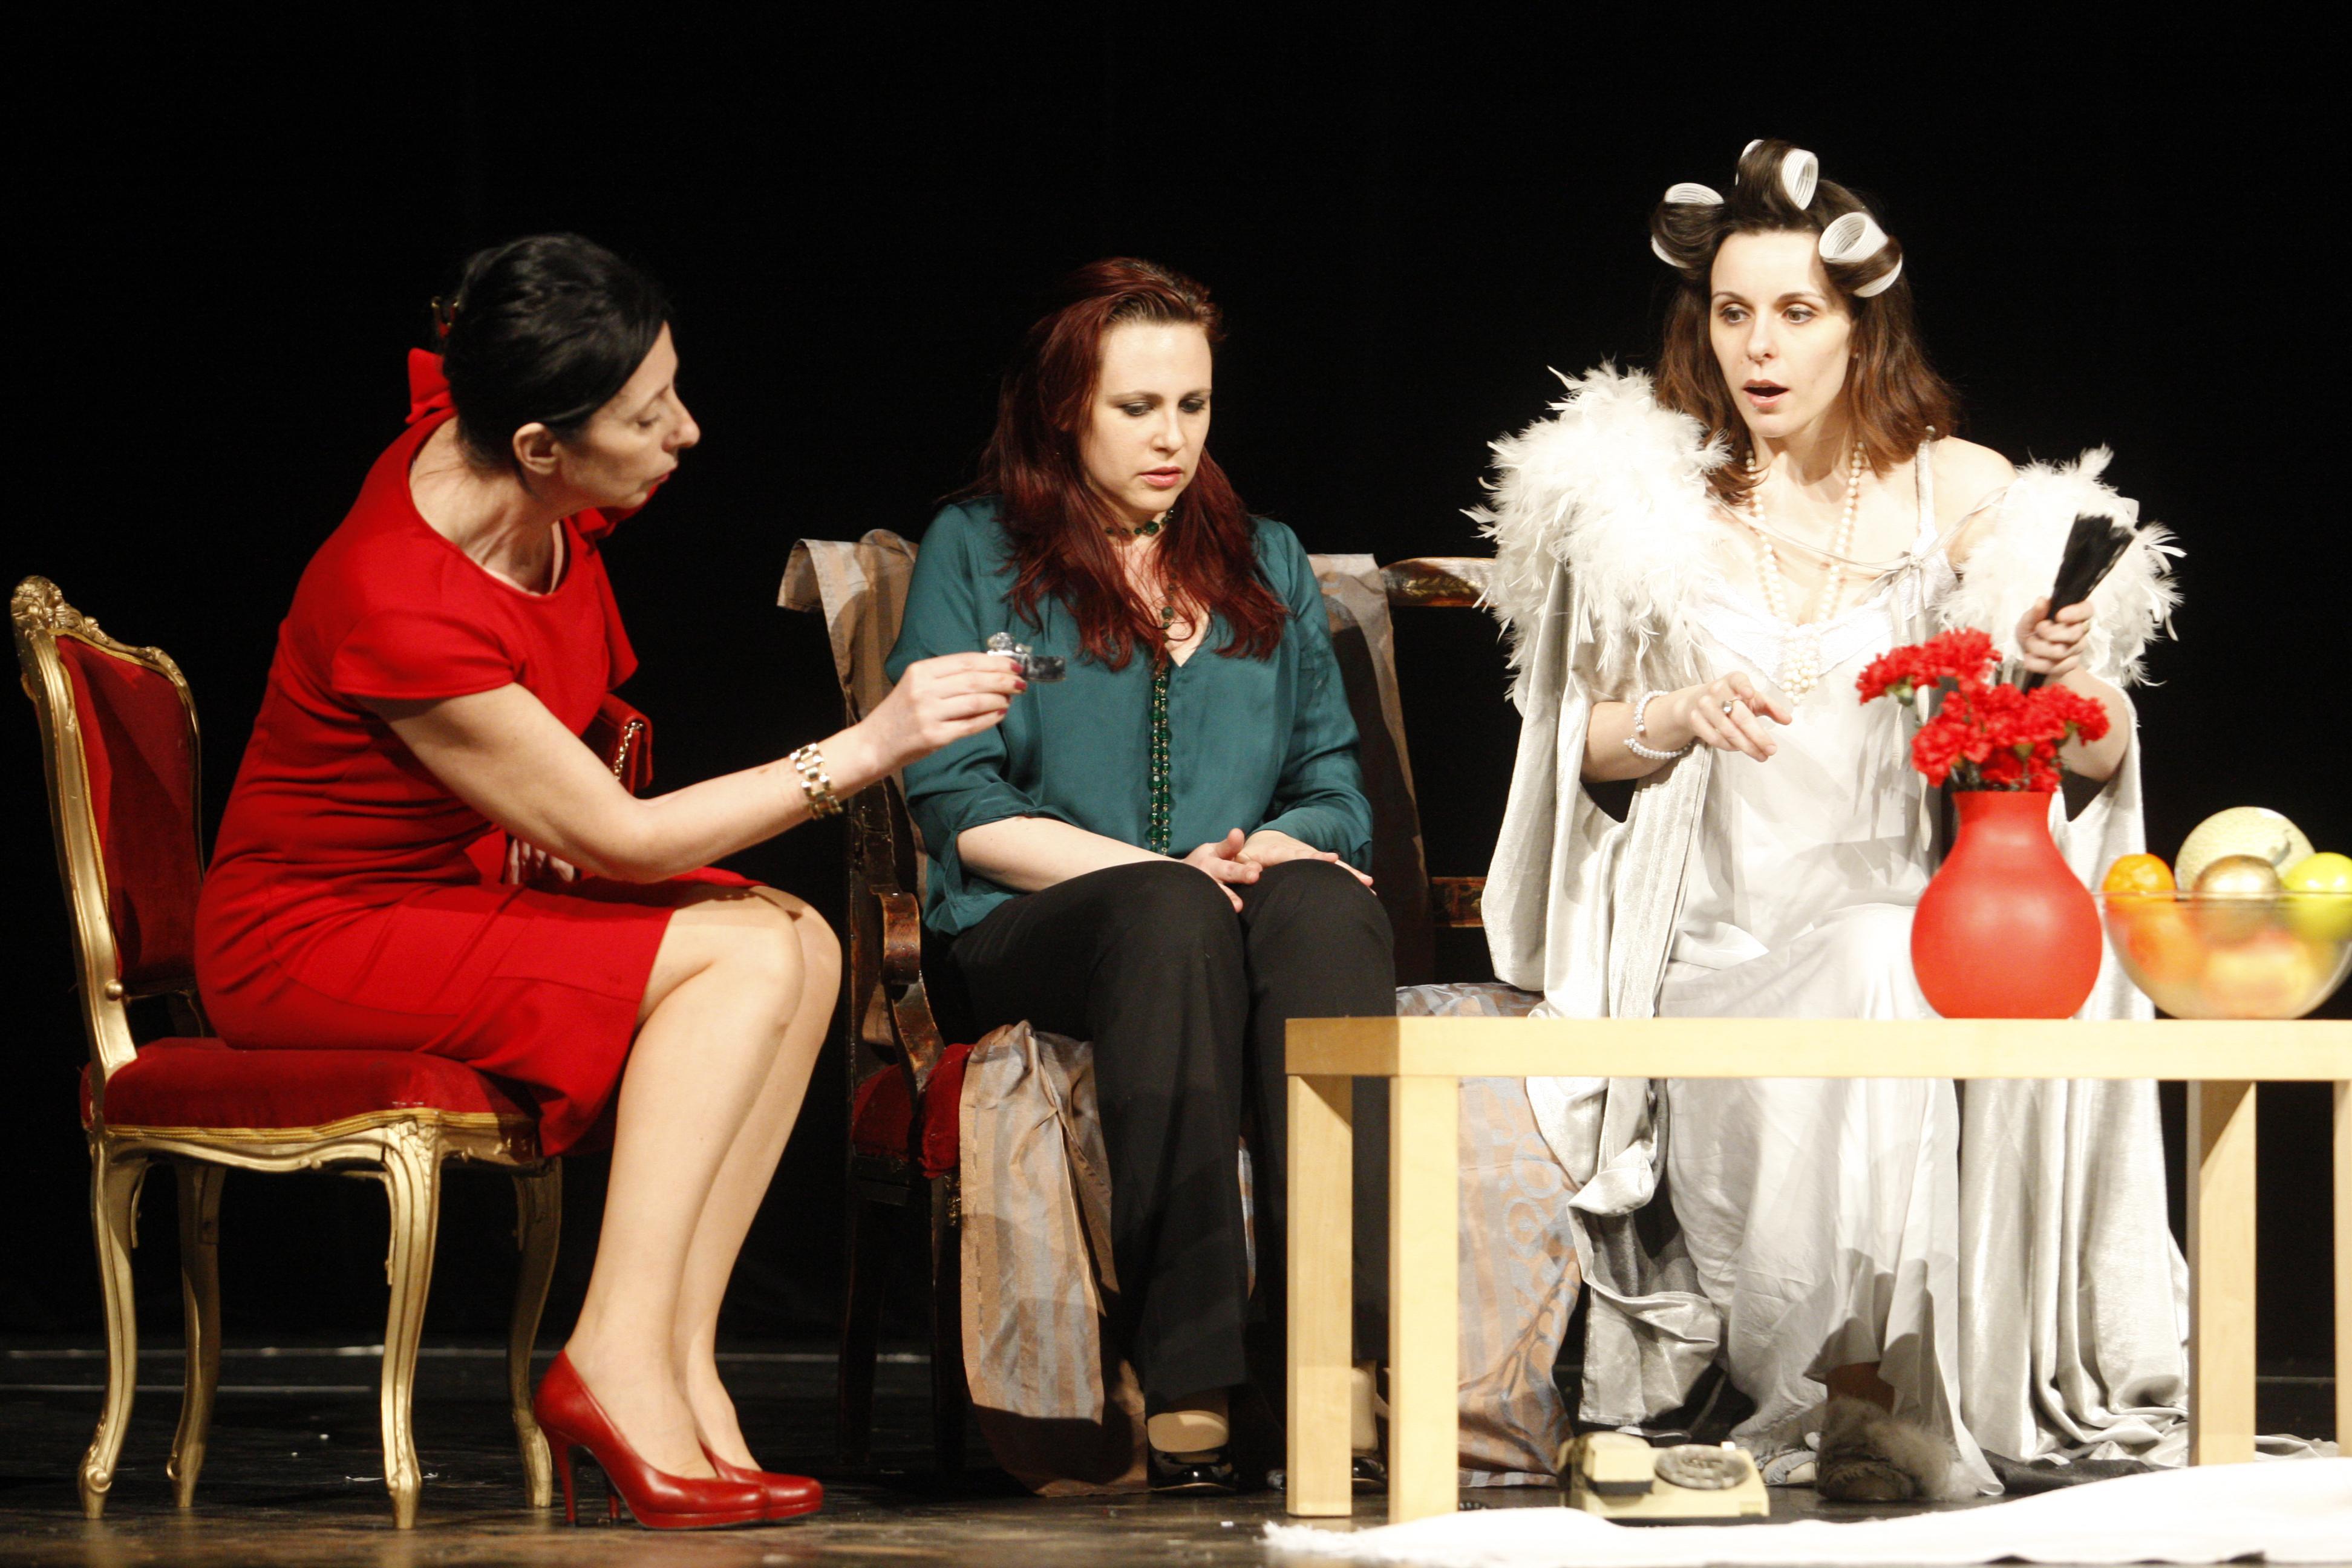 Maribor - Narodni Dom - MKC teater - gredalis_c_e - igra vaja za predstavo Tema -   - Avtor: Sas_o Bizjak  - Desk: _Reportaze